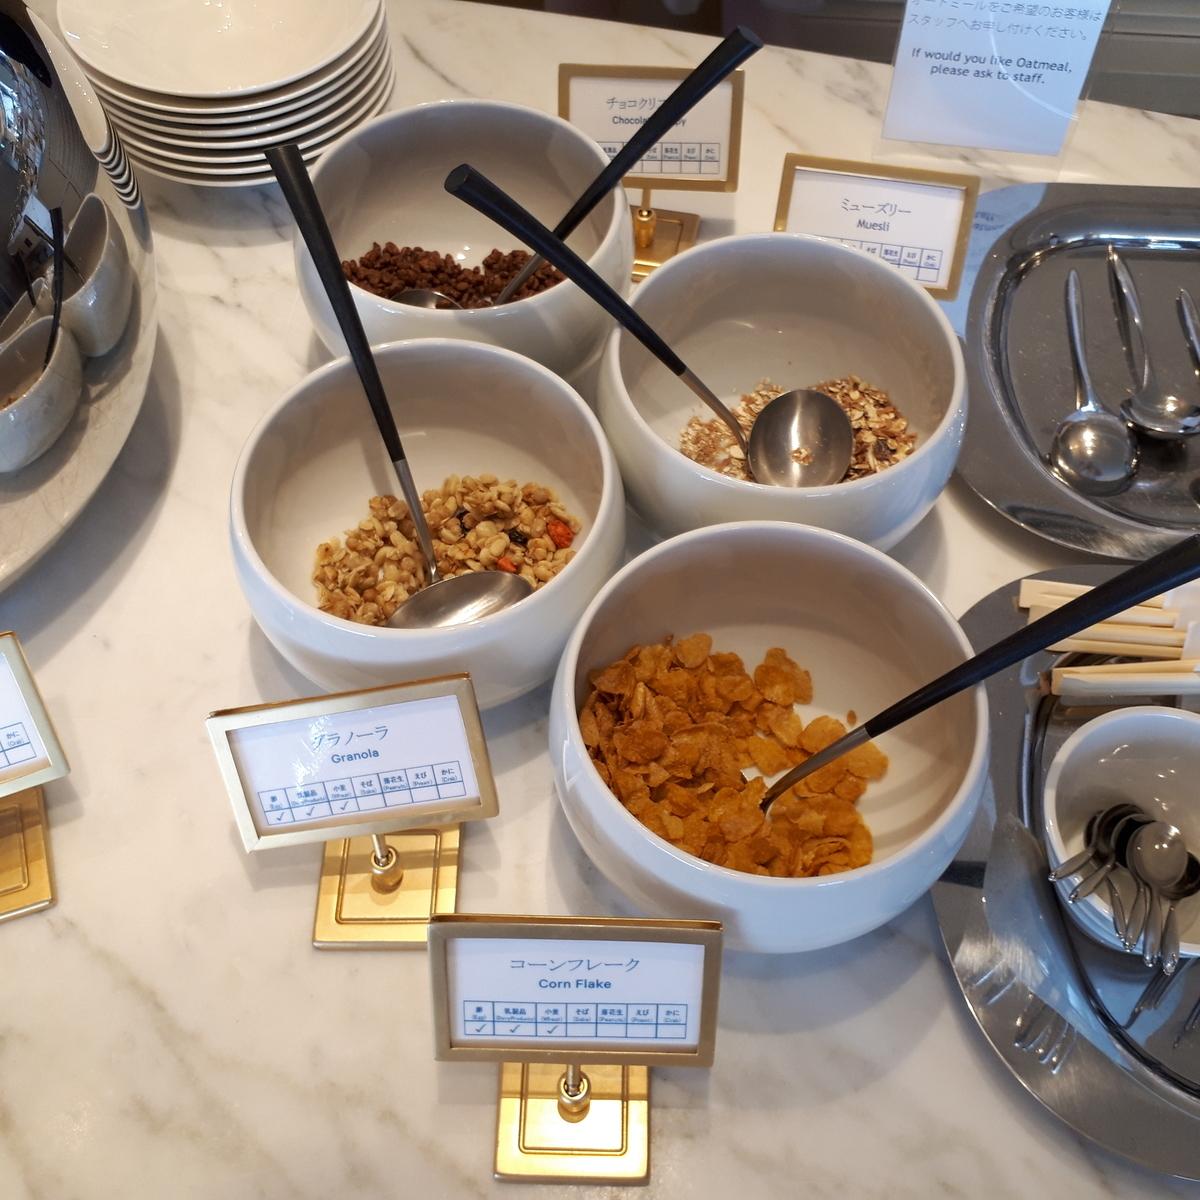 シェラトングランデオーシャンリゾート クラブラウンジ 朝食サービス コーンフレーク グラノーラ ミューズリー チョコクリスピー